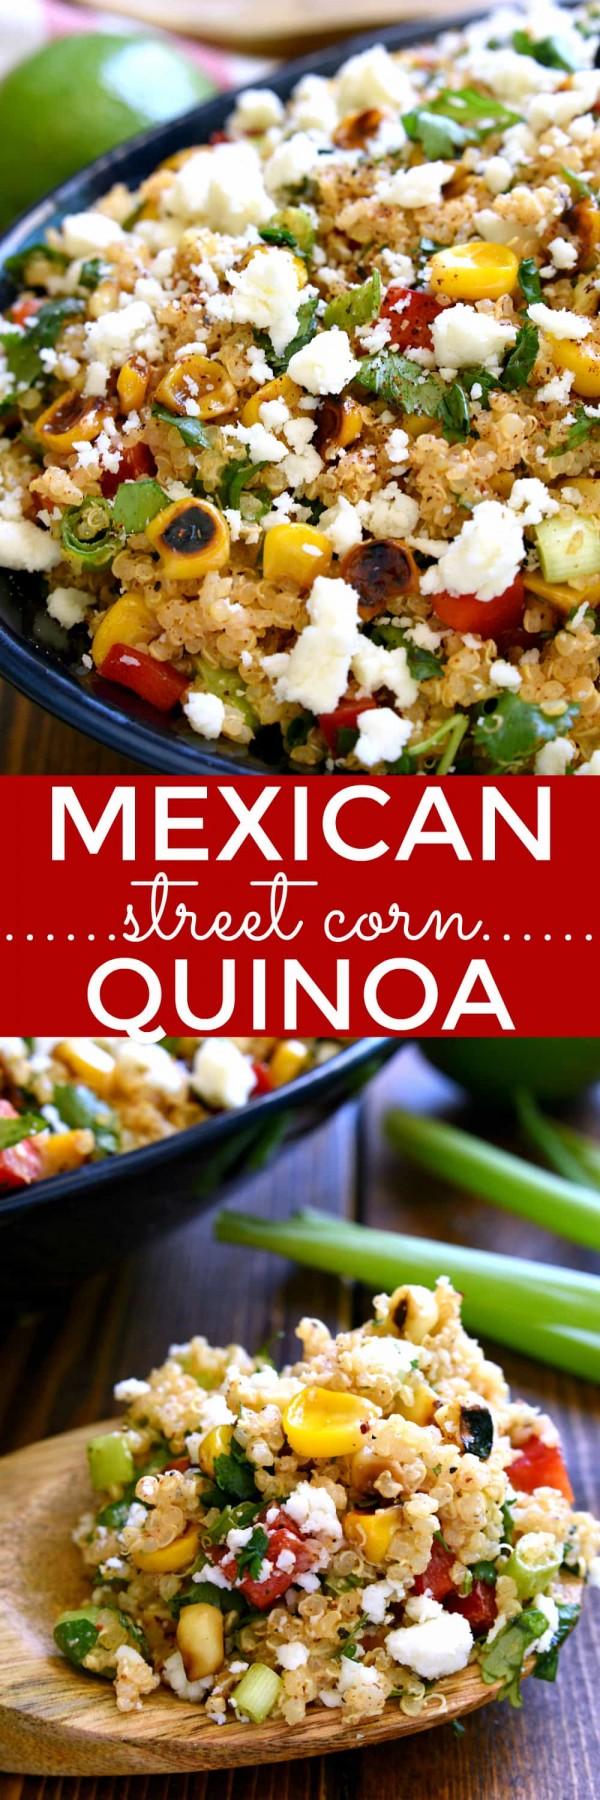 Get the recipe Mexican Street Corn Quinoa Salad @recipes_to_go